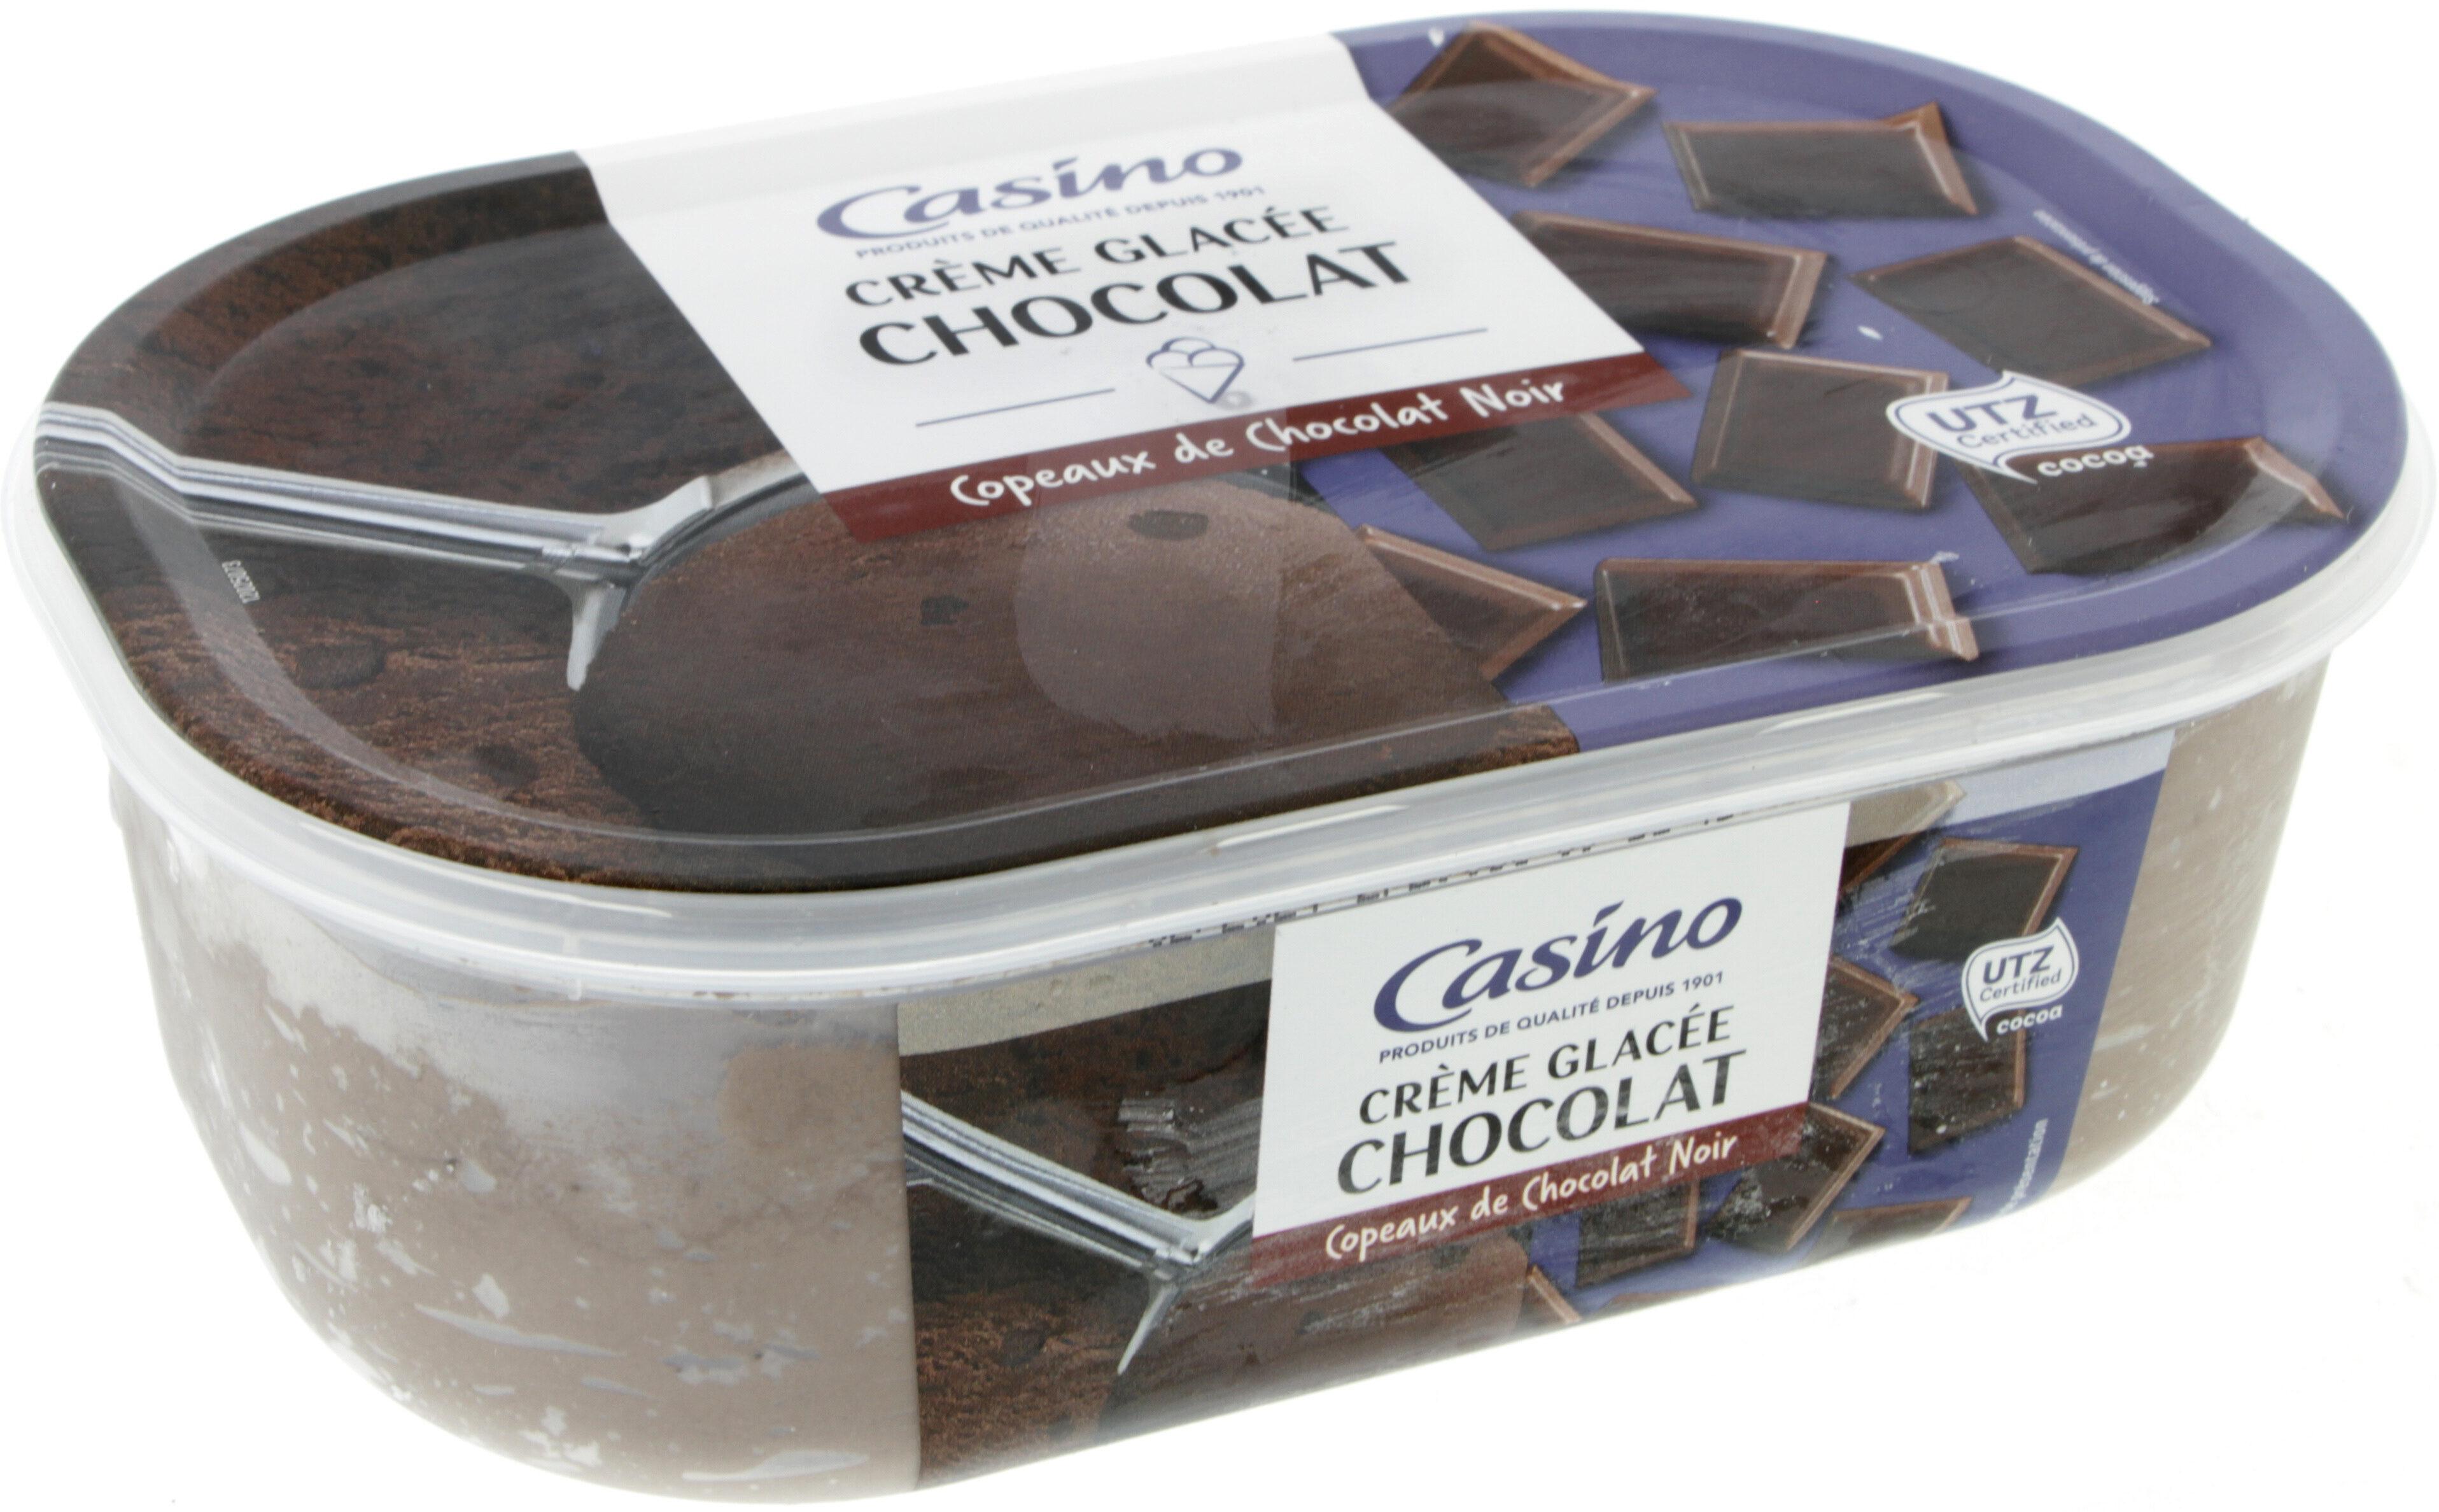 Crème glacée Chocolat - Copeaux de chocolat noir - Product